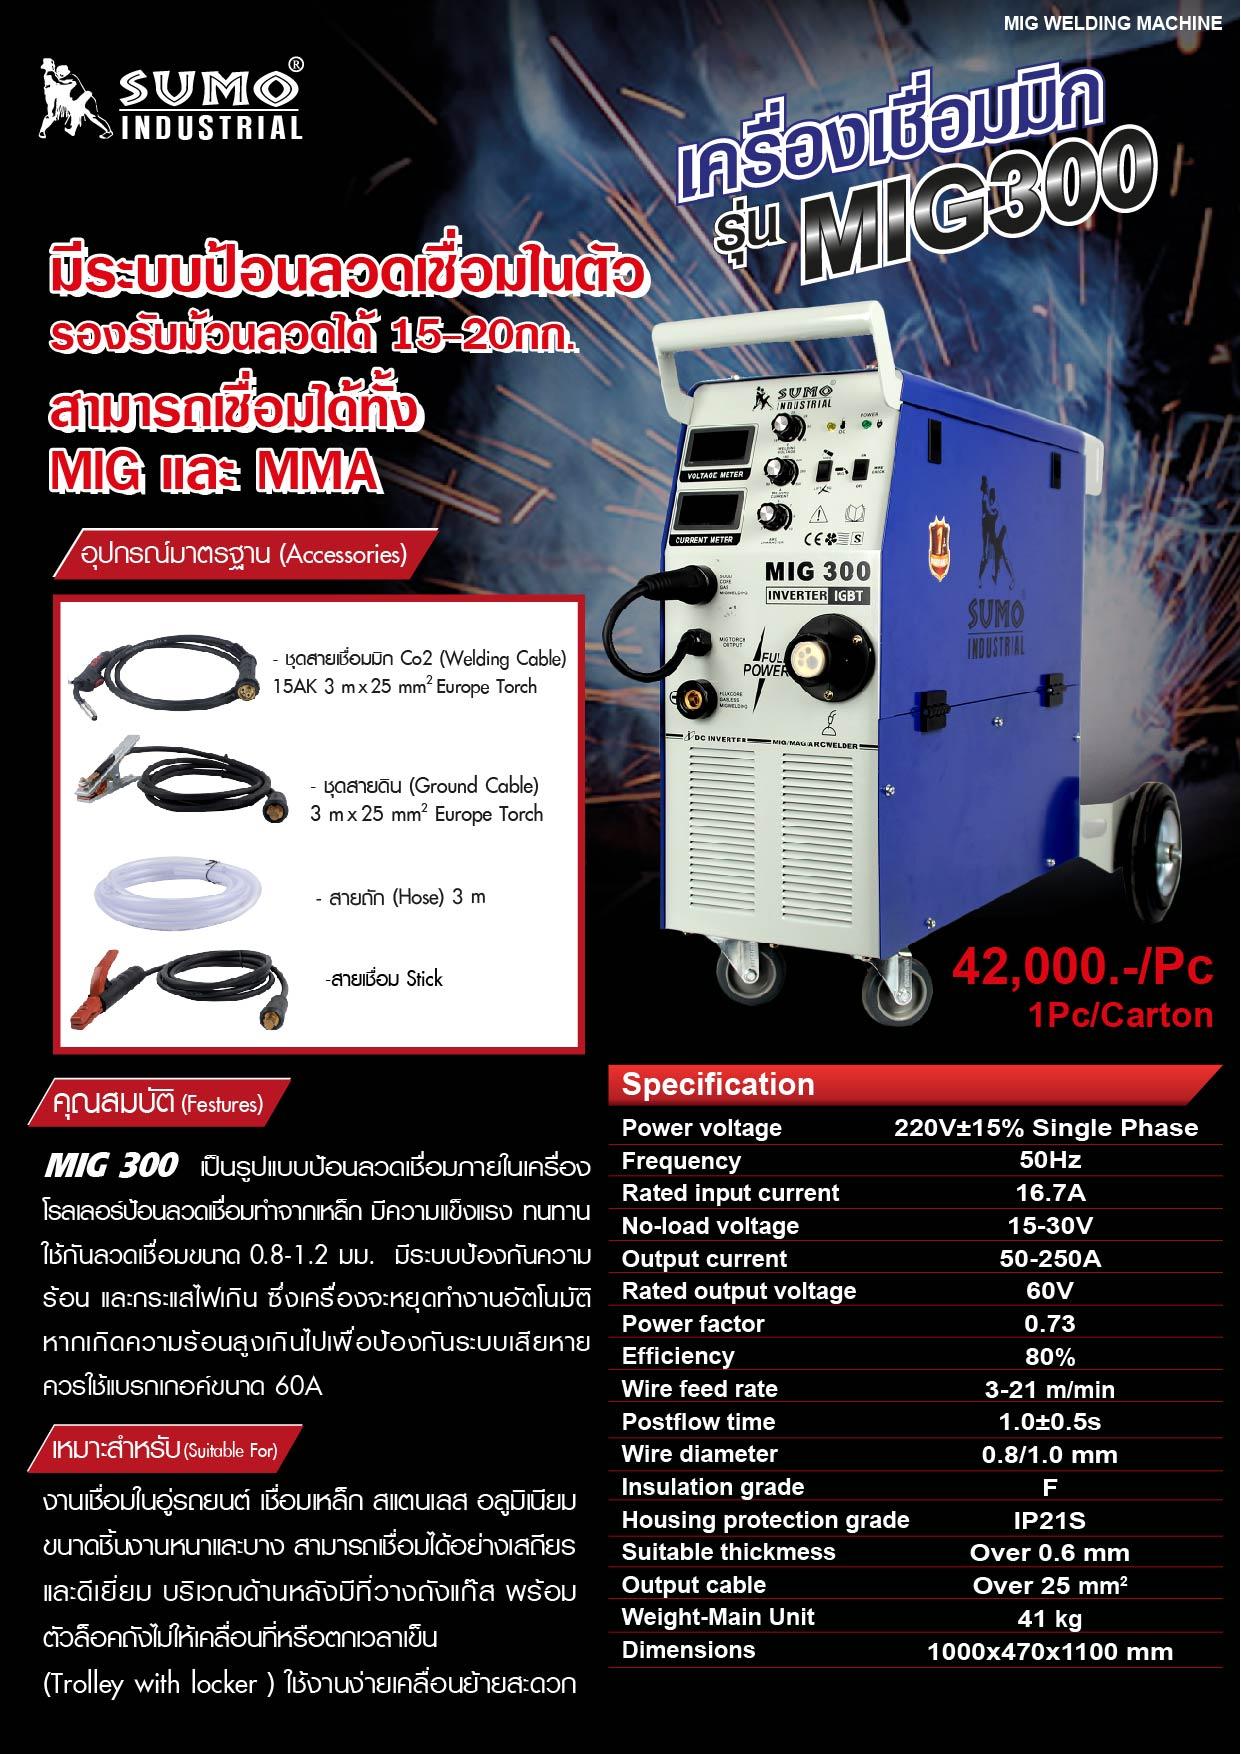 (94/239) เครื่องเชื่อม MIG300  Accessories Co2